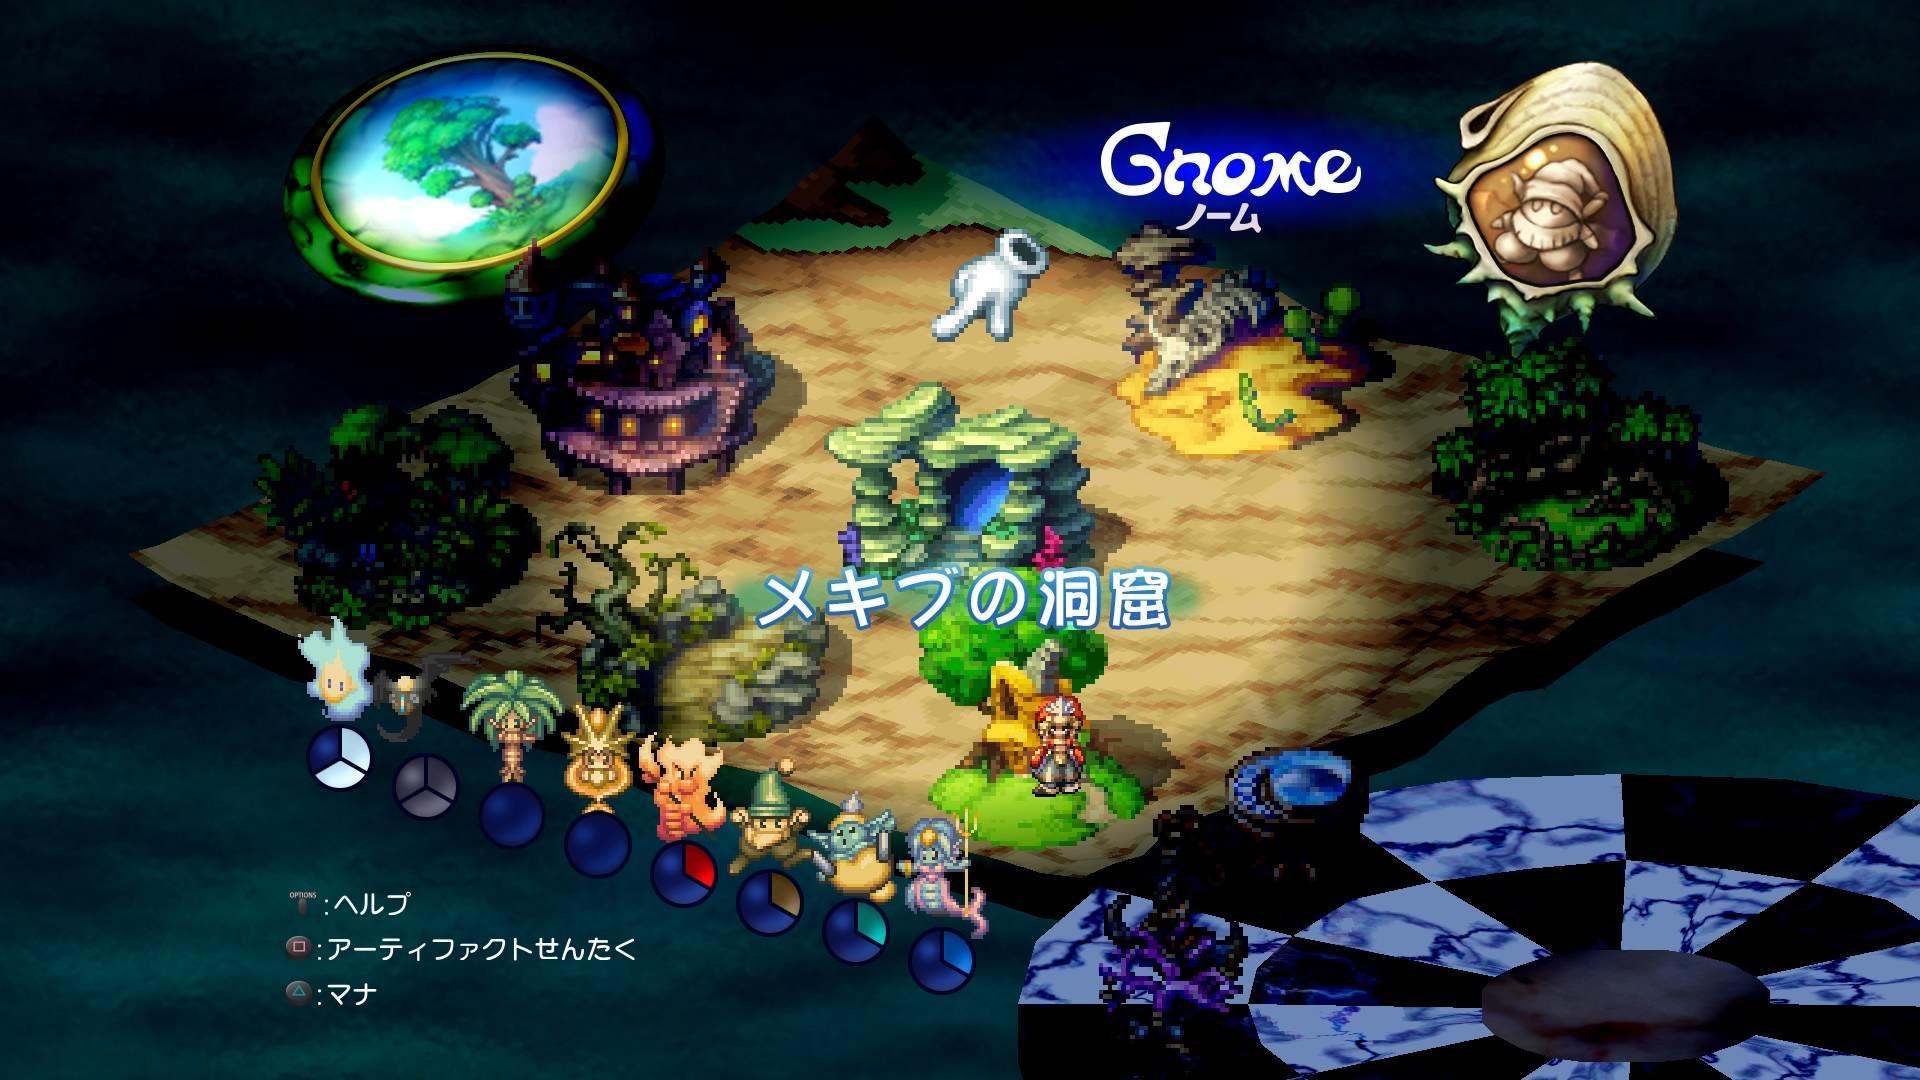 Legend-of-Mana-Remaster-6.jpg?ssl=1